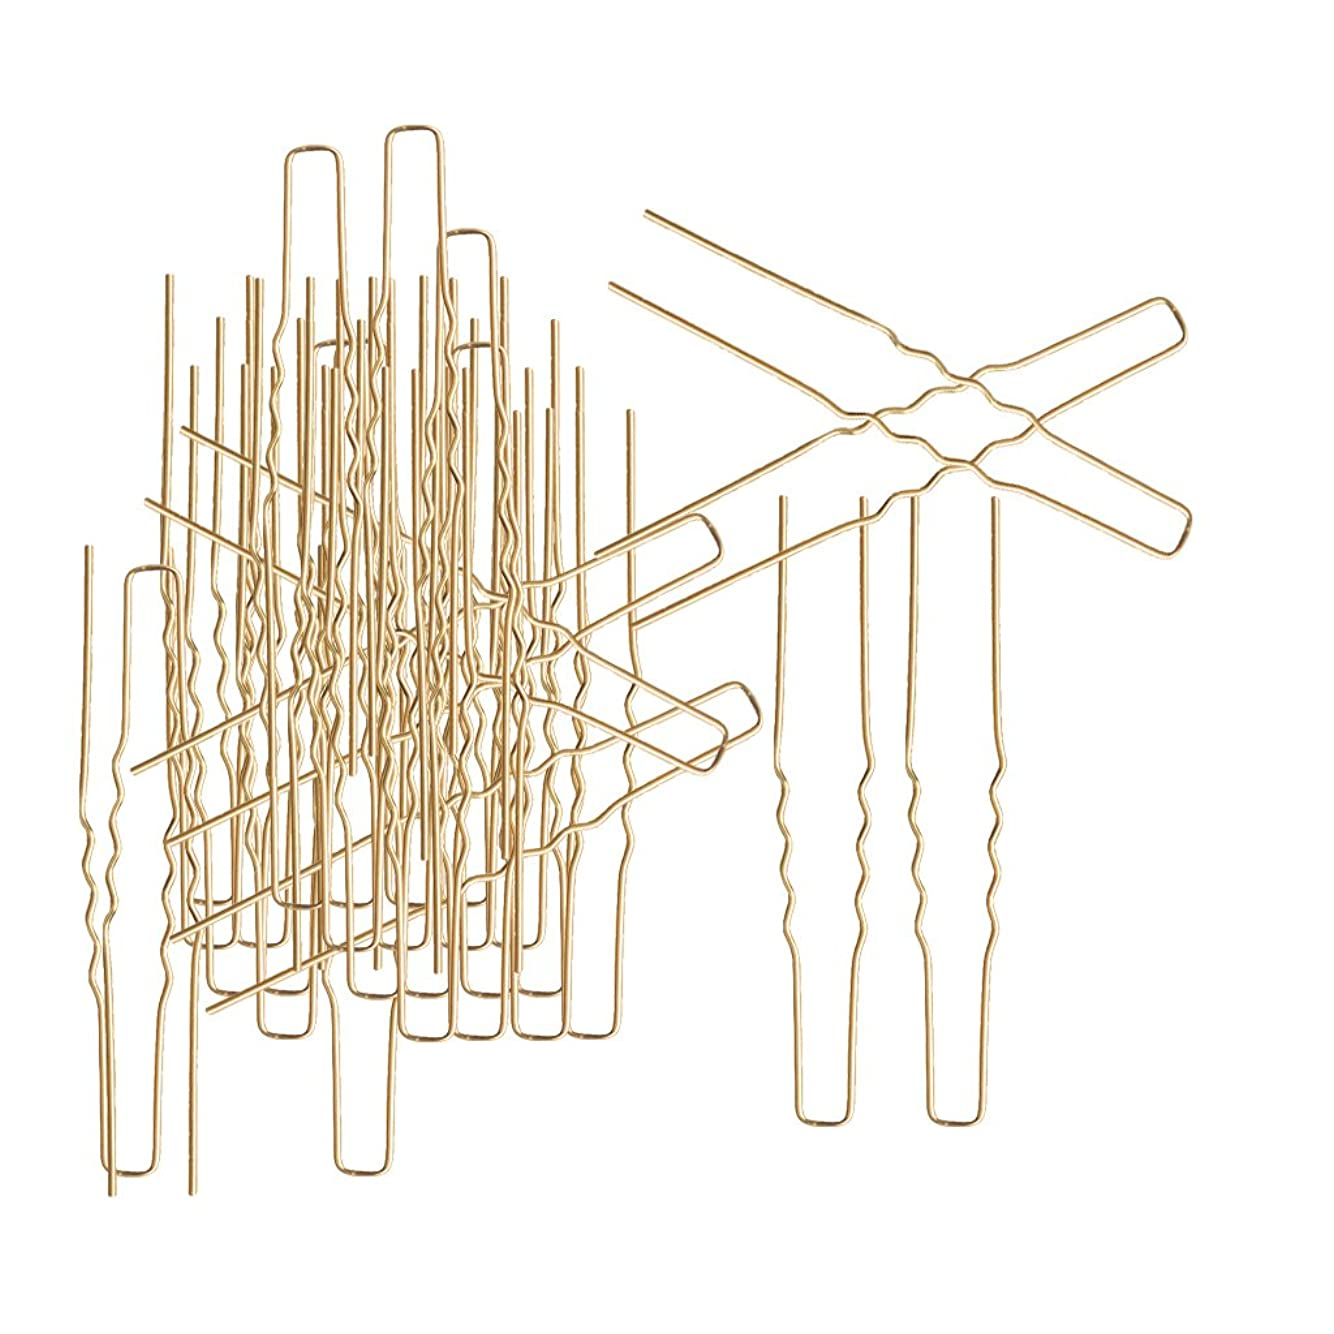 枠荷物不条理Fityle 金色 ピン形 日常アクセサリー ヘアピン DIYヘアスタイリング U字形 髪デザイン 約50本